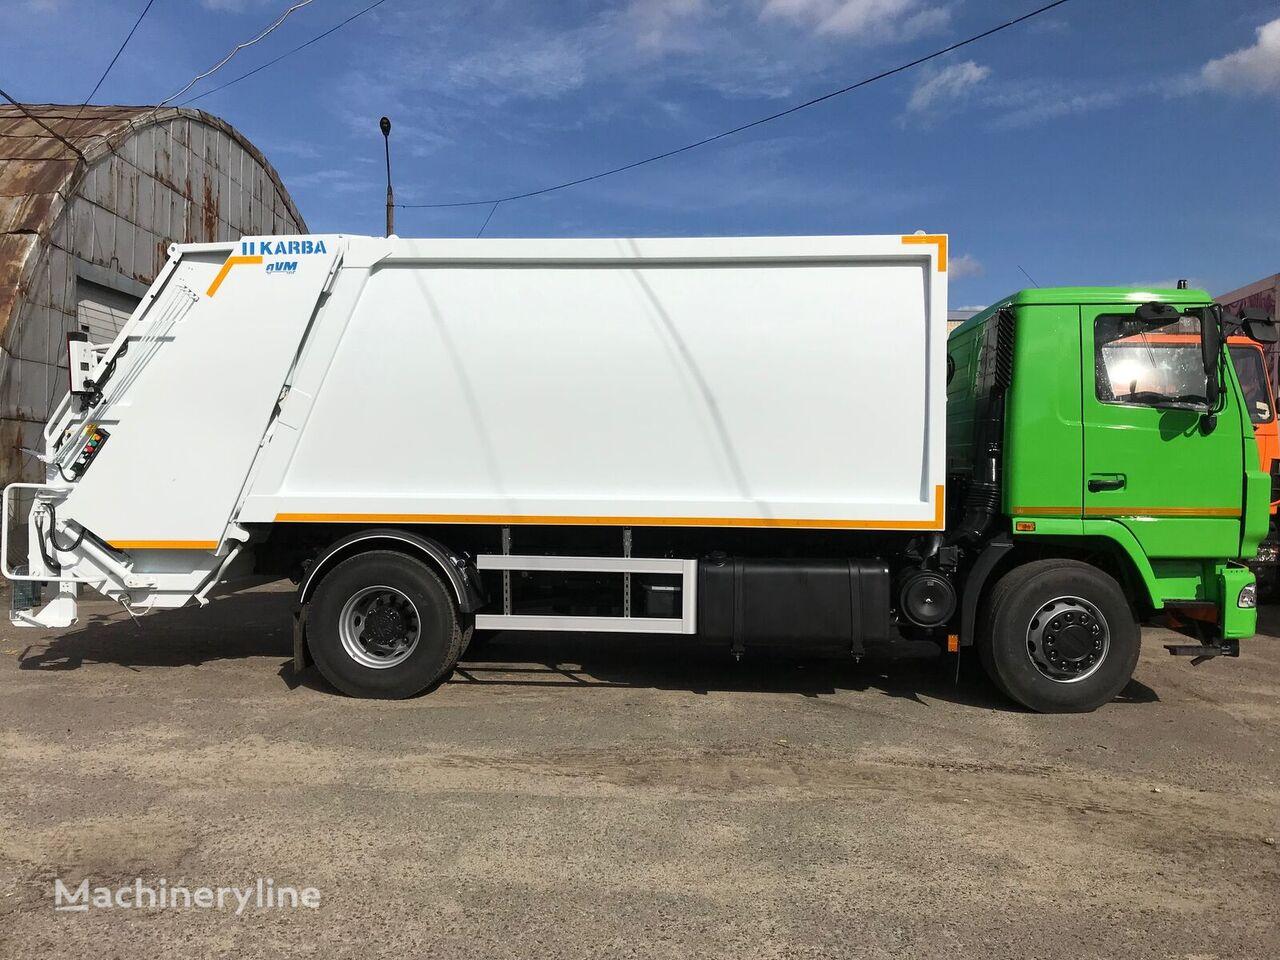 MAZ KARBA 18 m 3 camión de basura nuevo